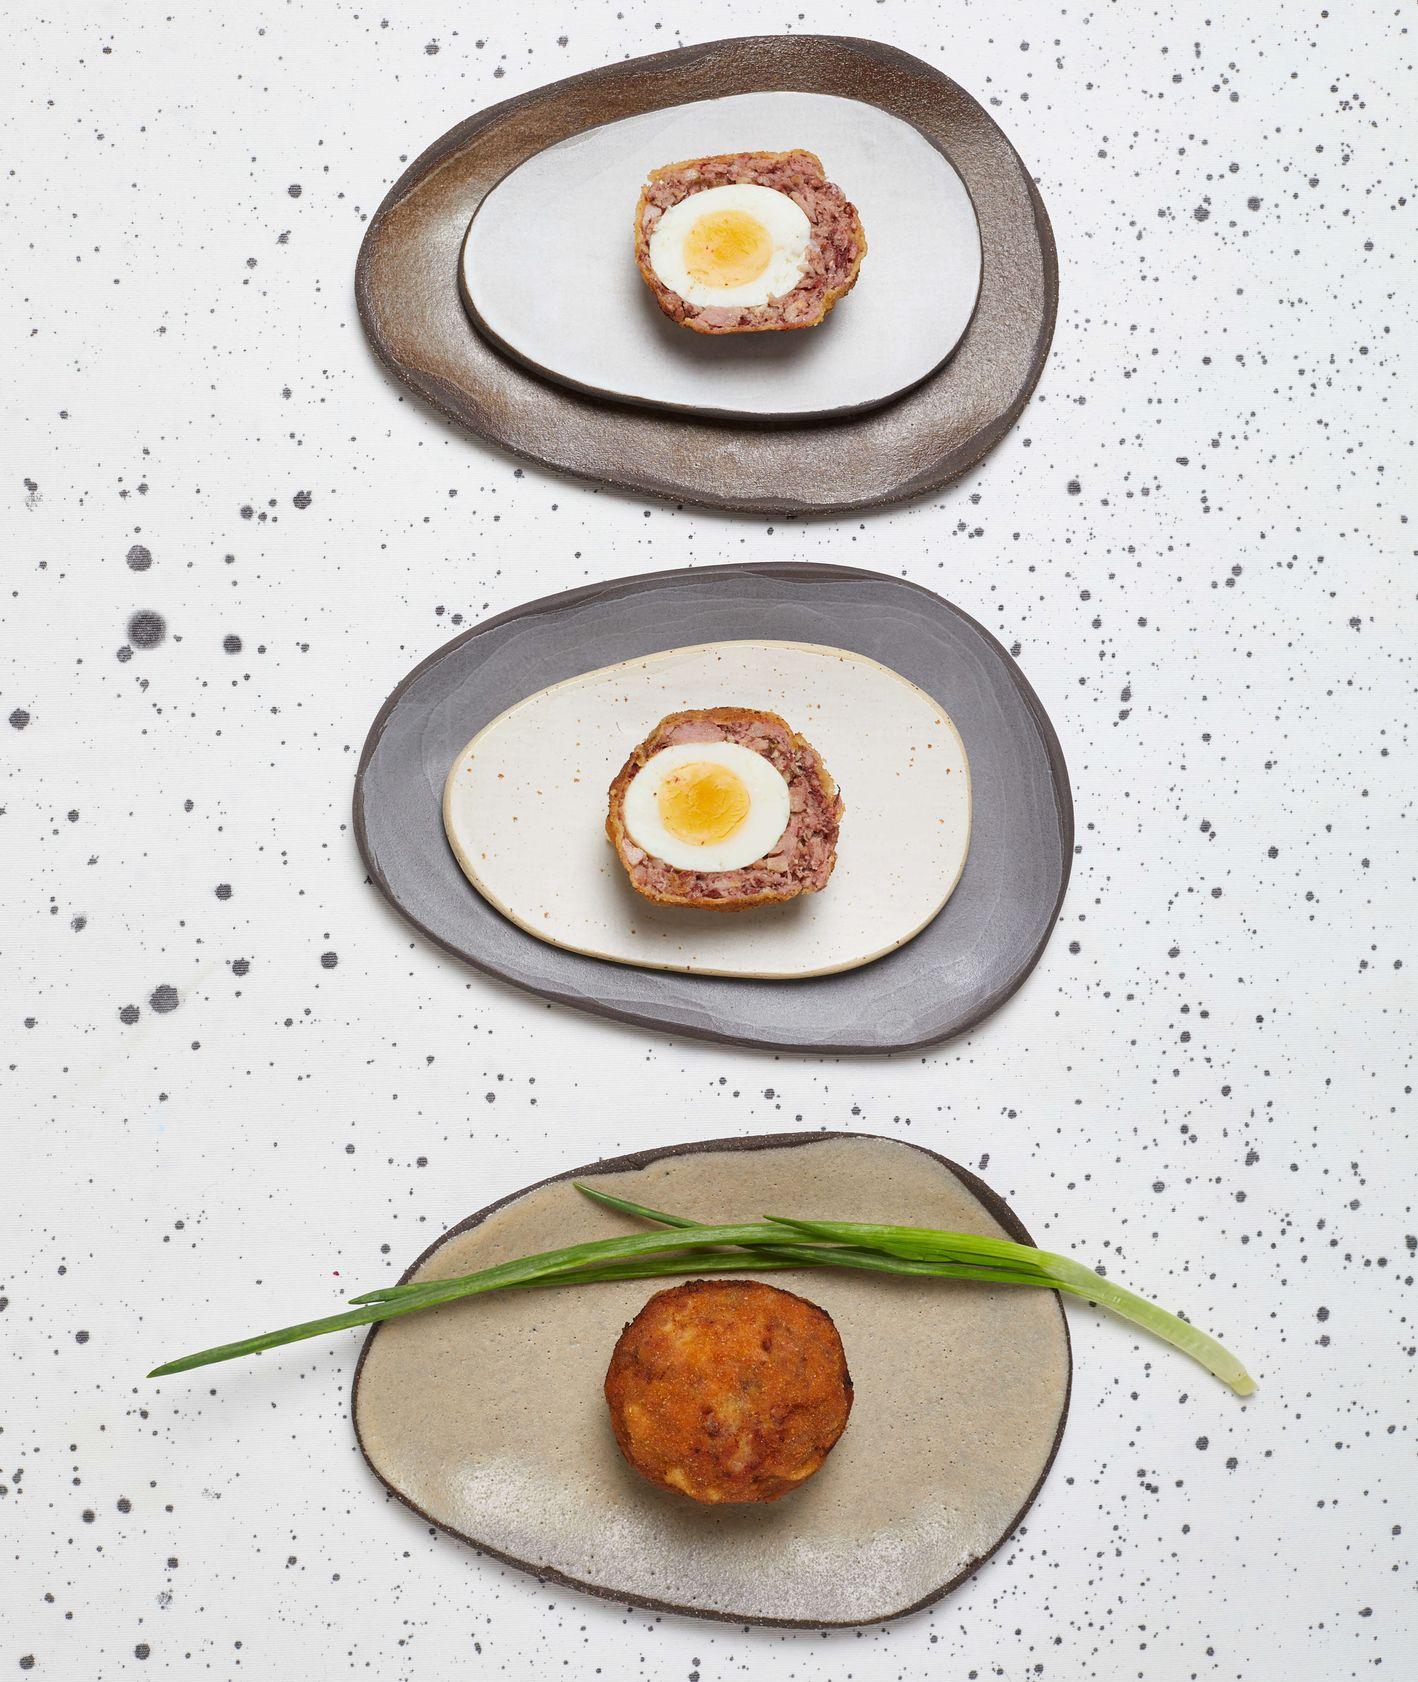 przepis gordon ramsay, wielkanocne jaja w mięsnym cieście